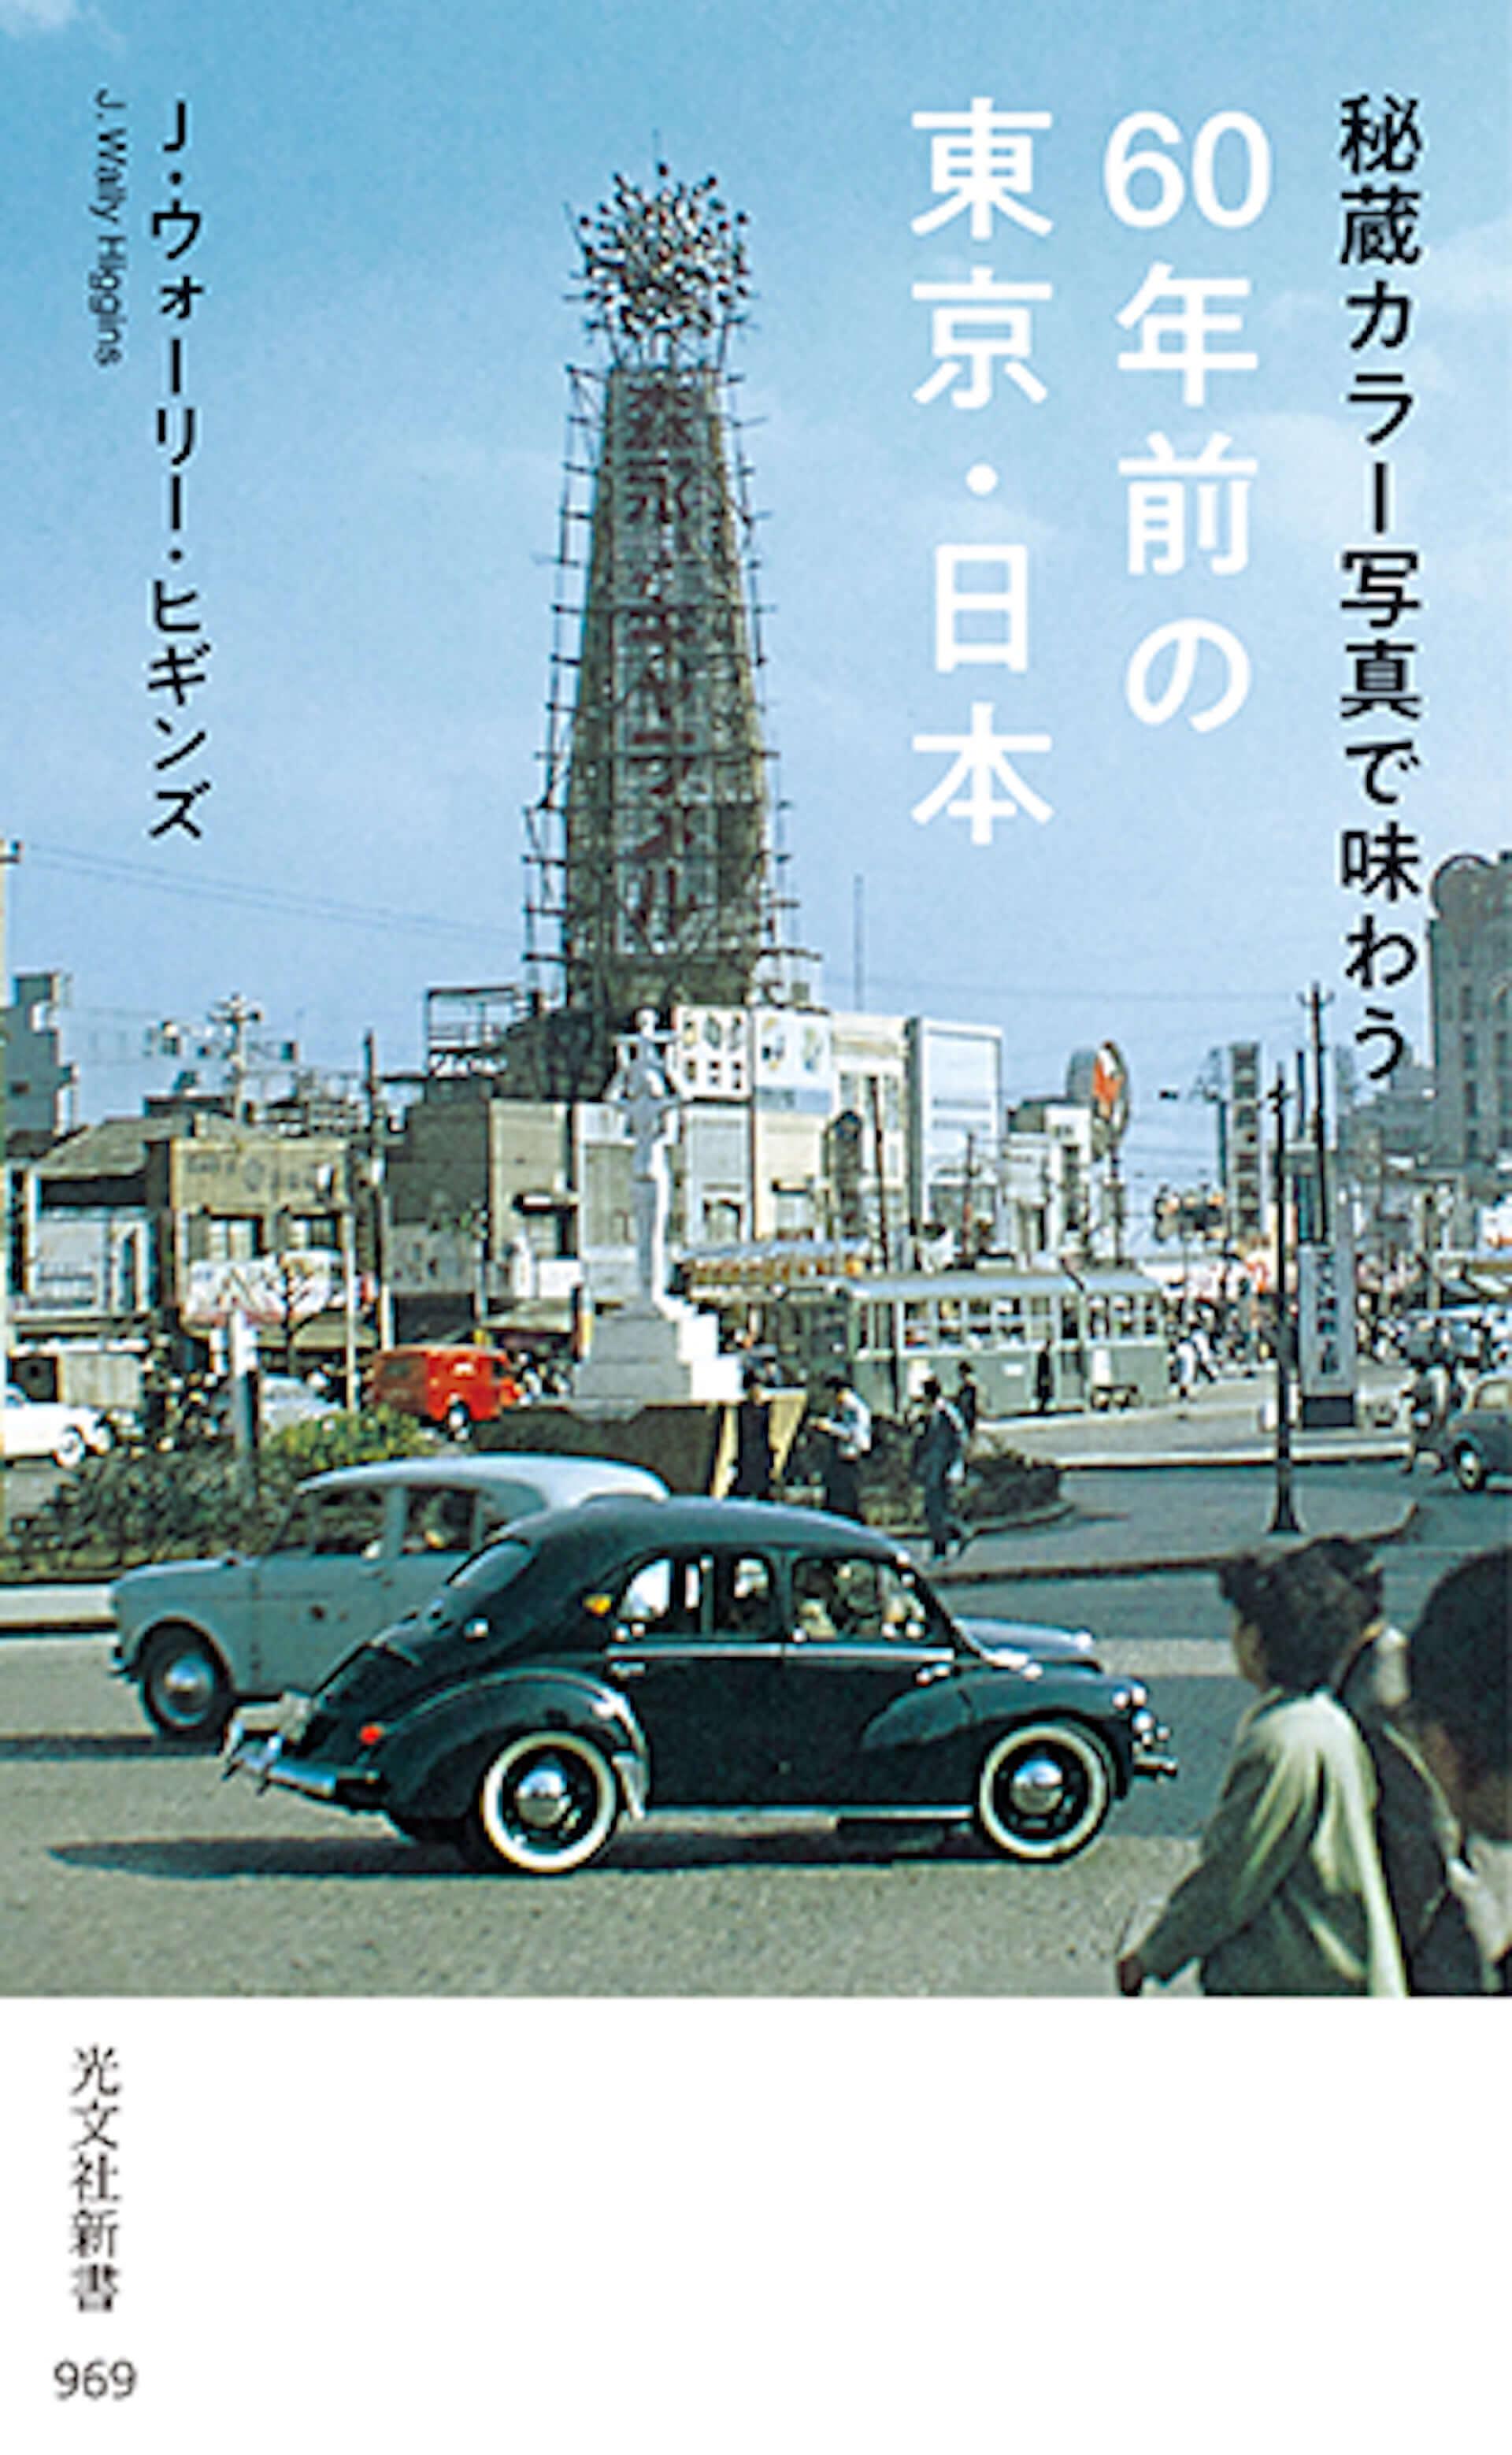 昭和30年代の風景をカラー写真で!『秘蔵カラー写真で味わう60年前の東京・日本』が累計4万部突破&収録内容が一部公開 art200904_tokyo-colourphoto_2-1920x3117